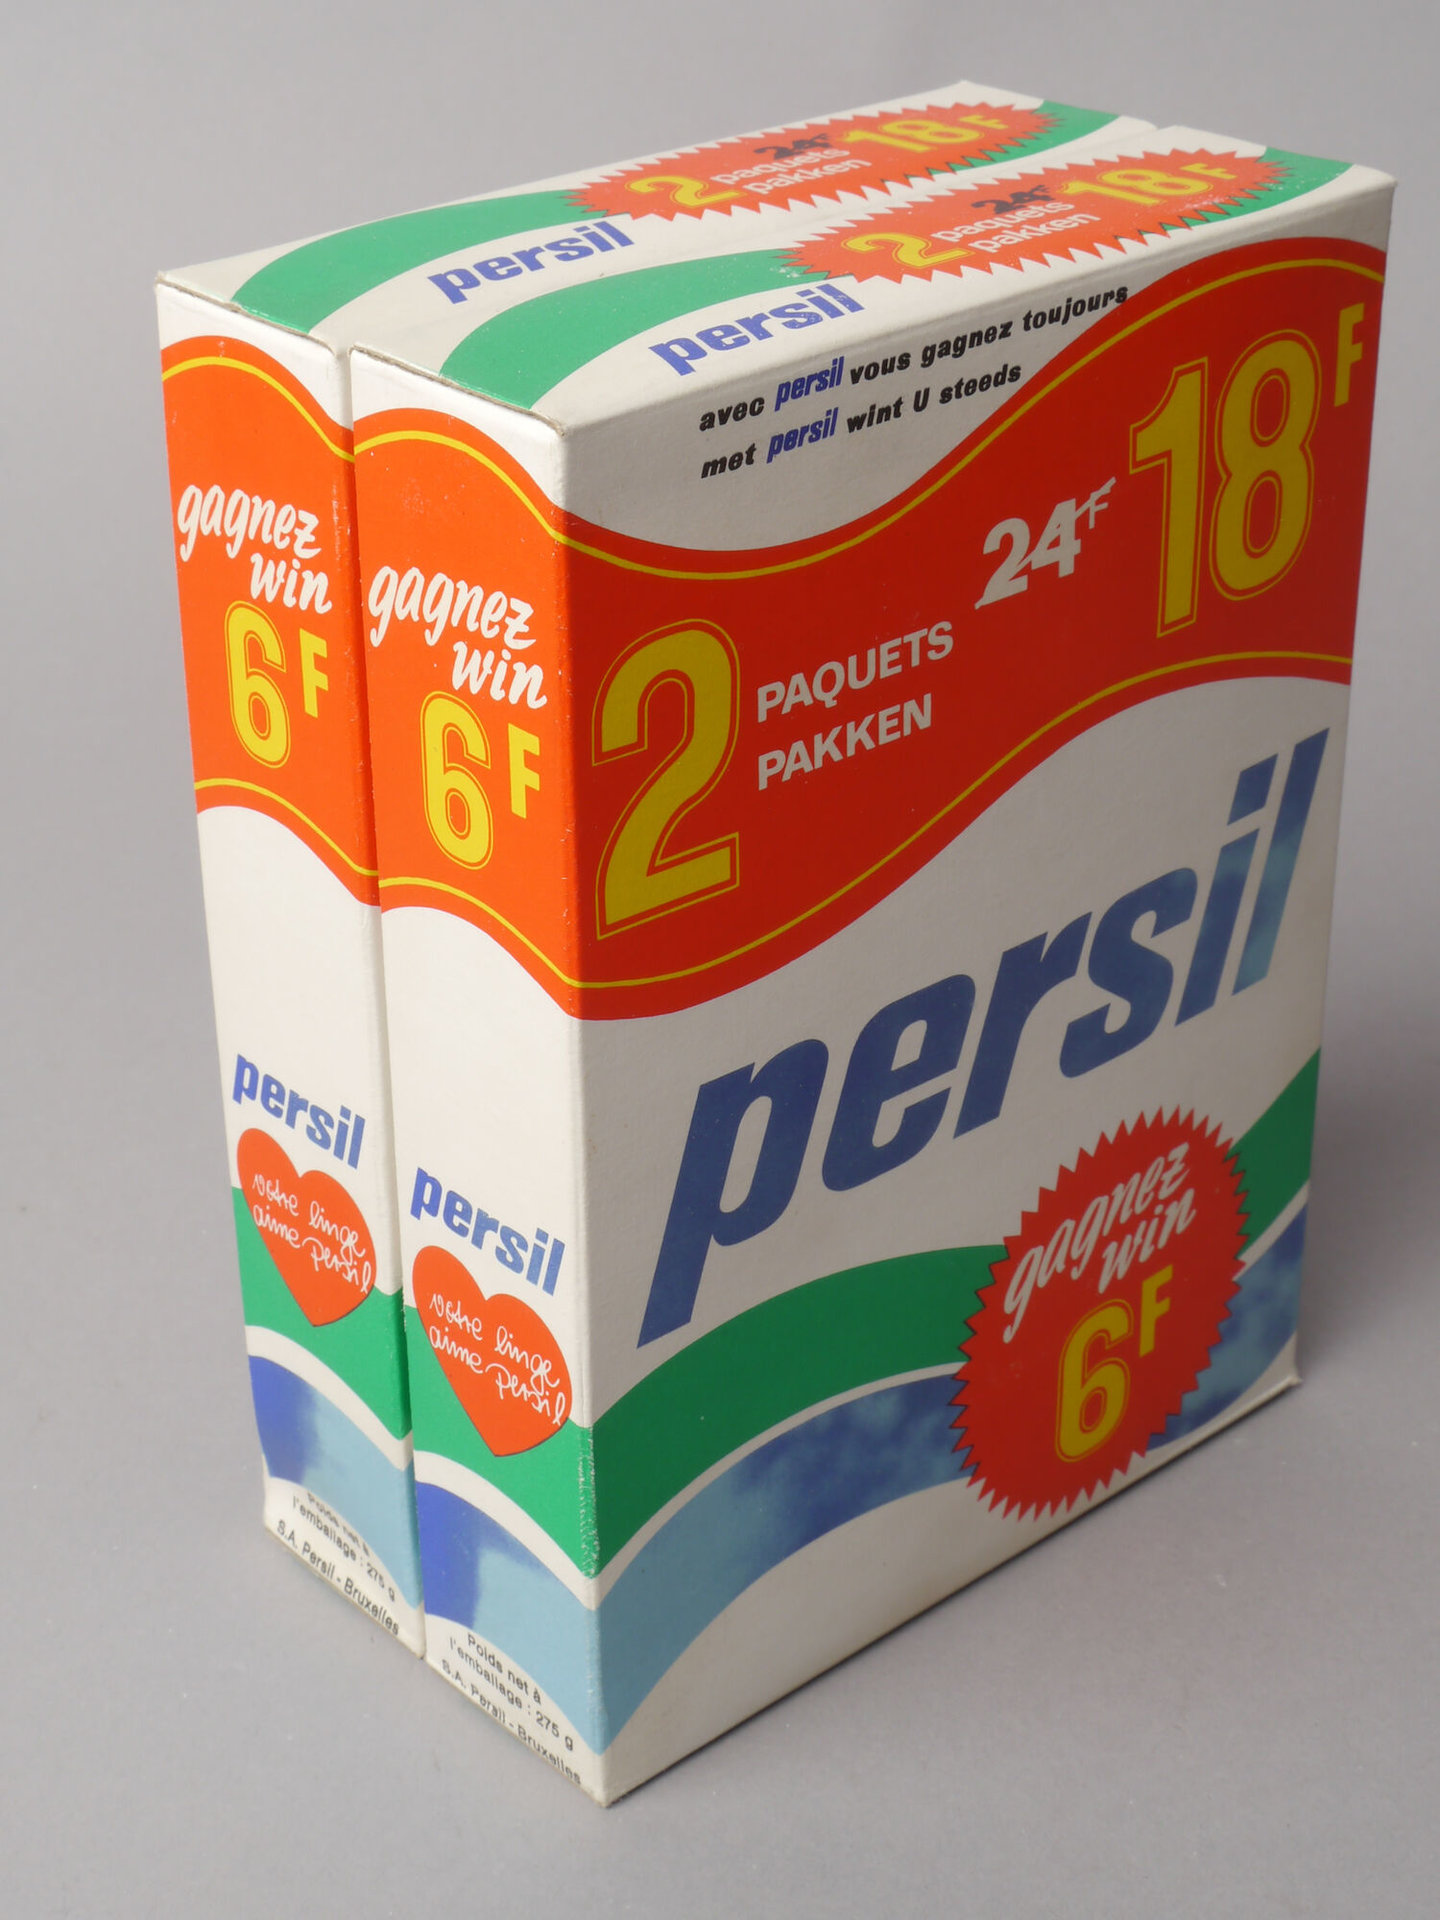 Doos waspoeder van het merk Persil